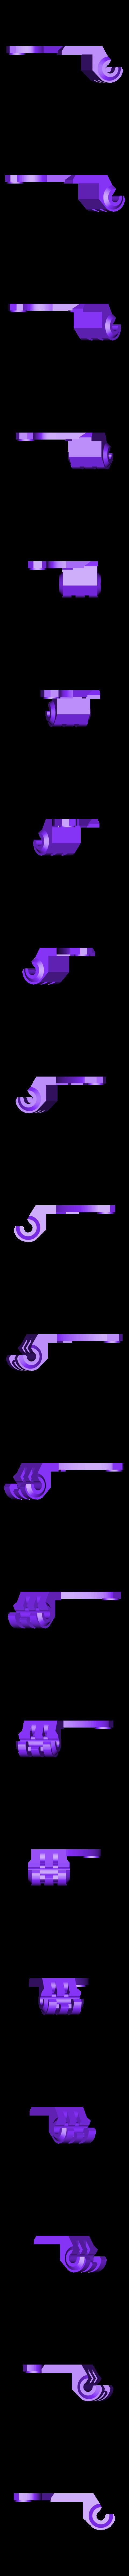 happycover.stl Télécharger fichier STL gratuit Extrudeuse Ultimate creality cr10 (happy edition) (filaments flexibles) • Design à imprimer en 3D, raffosan